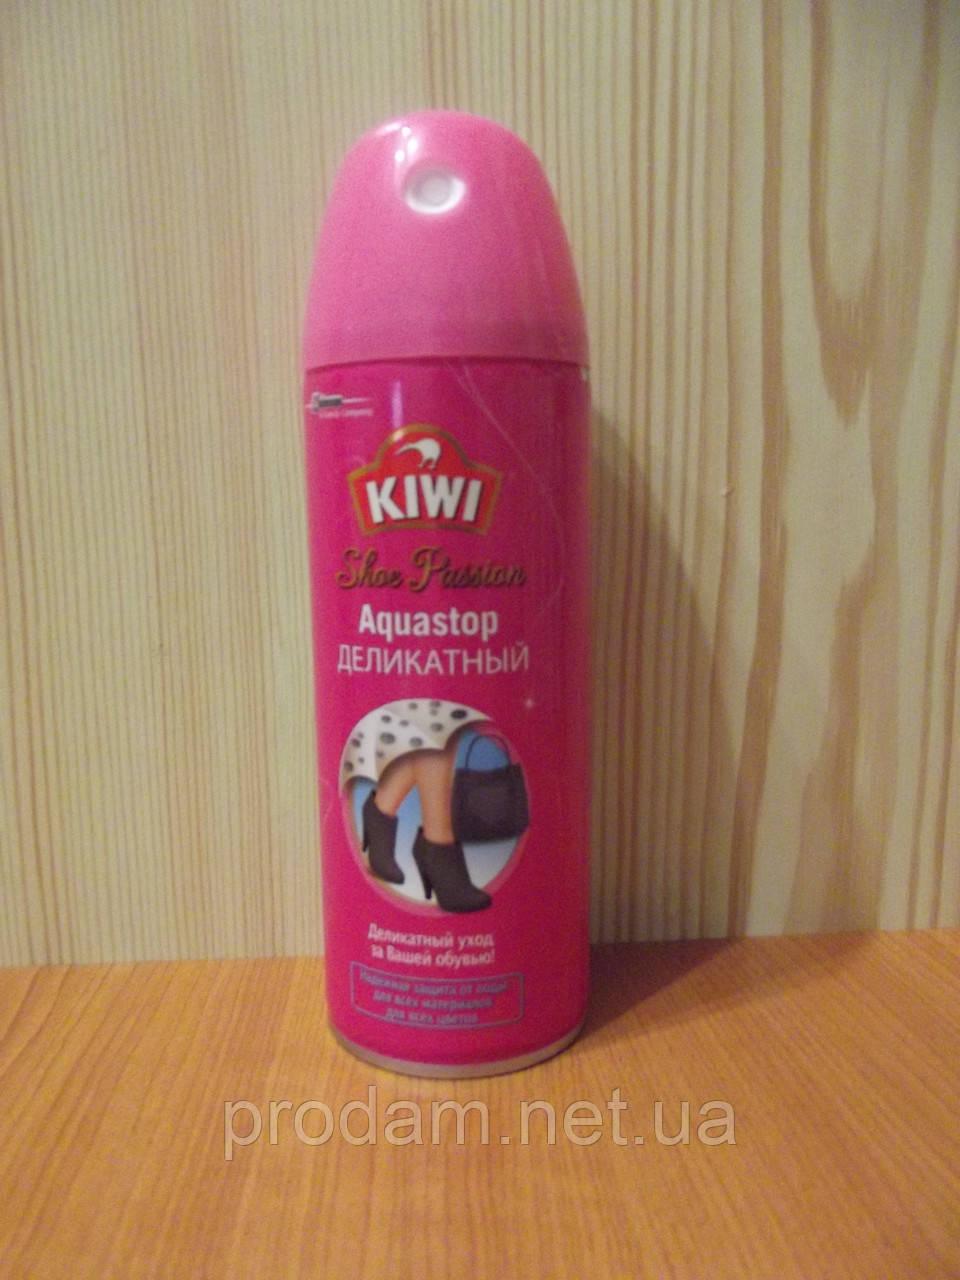 Аквастоп для обуви Кiwi